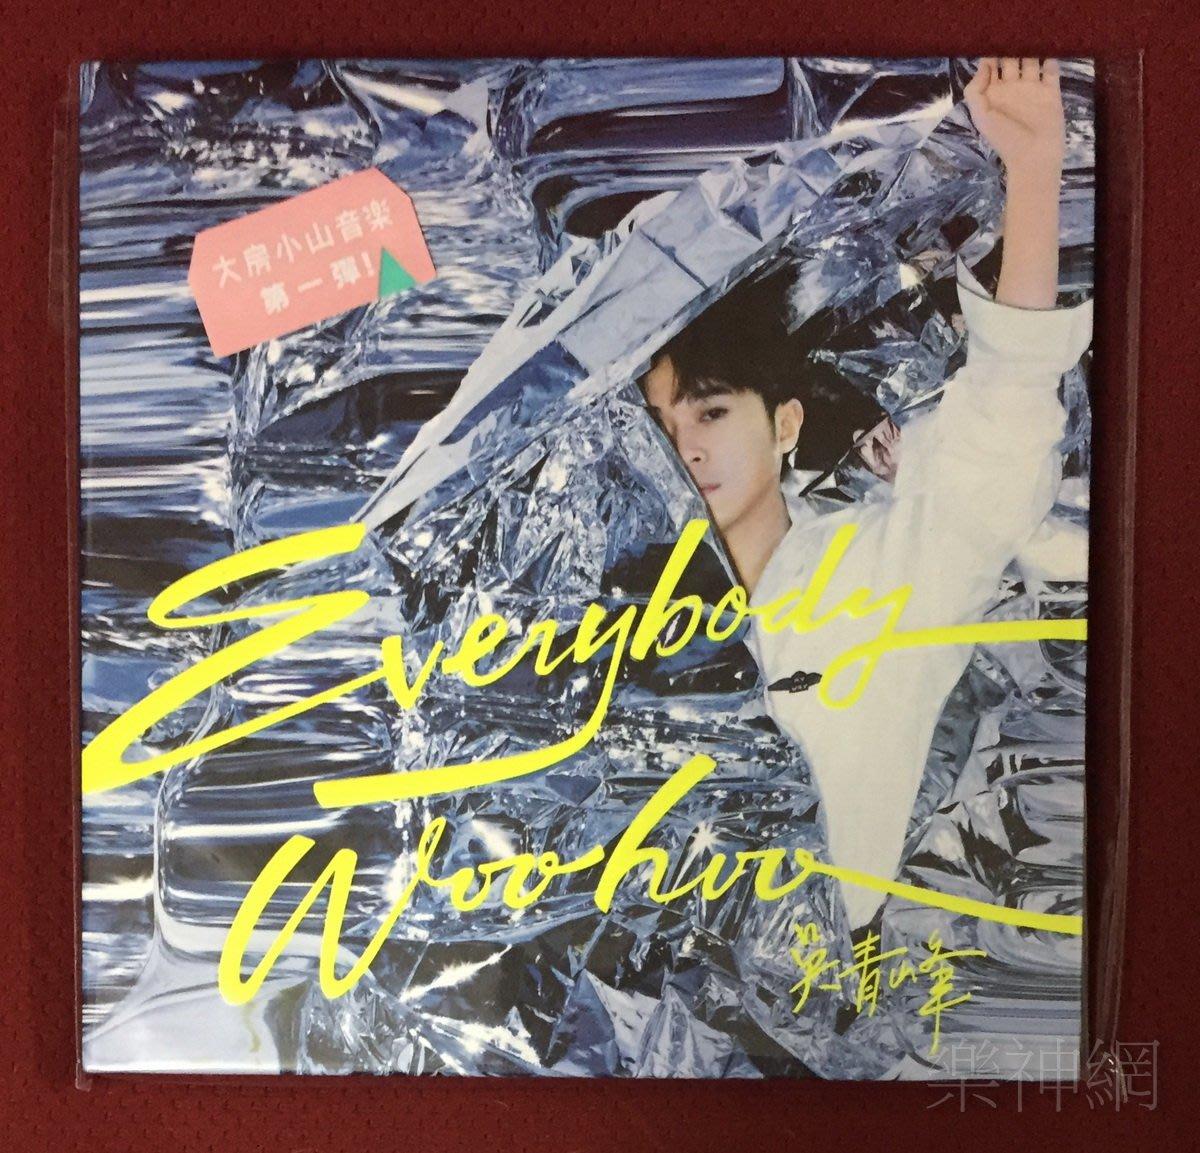 吳青峰 Everybody Woohoo 精裝限量版【精裝限量版CD】蘇打綠sodagreen (feat. 9m88)